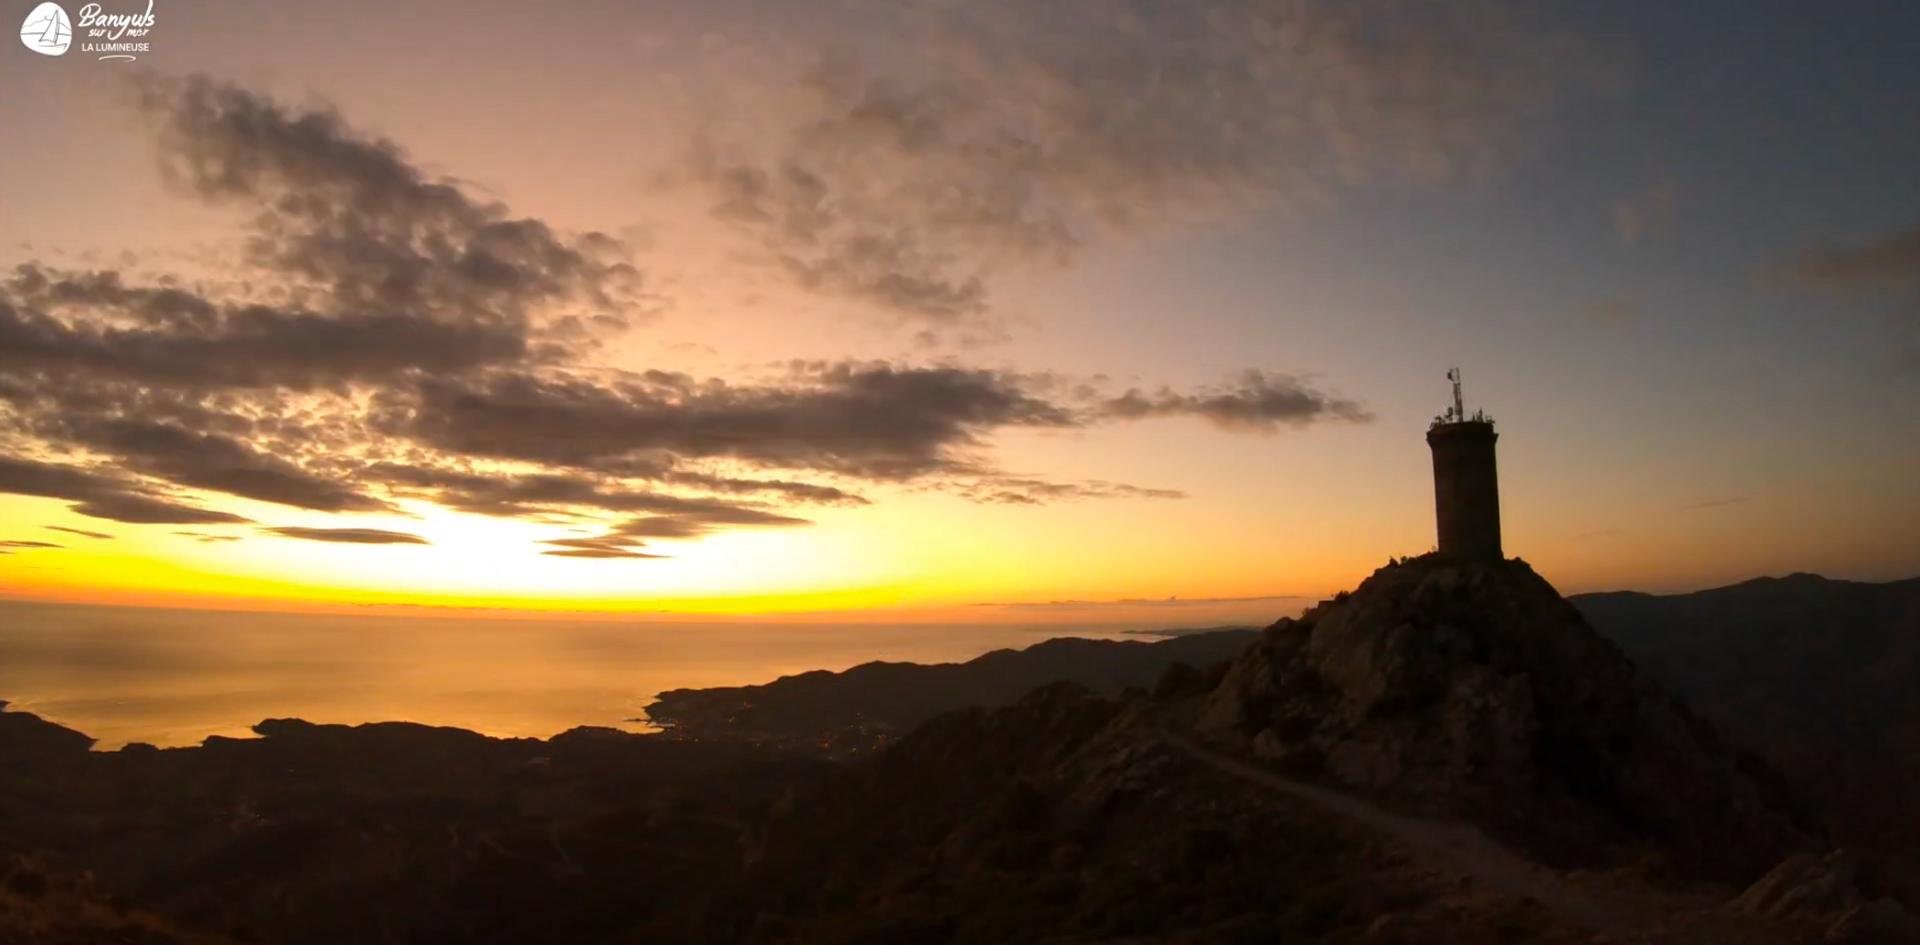 Vivez l'expérience : coucher de soleil à Madeloc